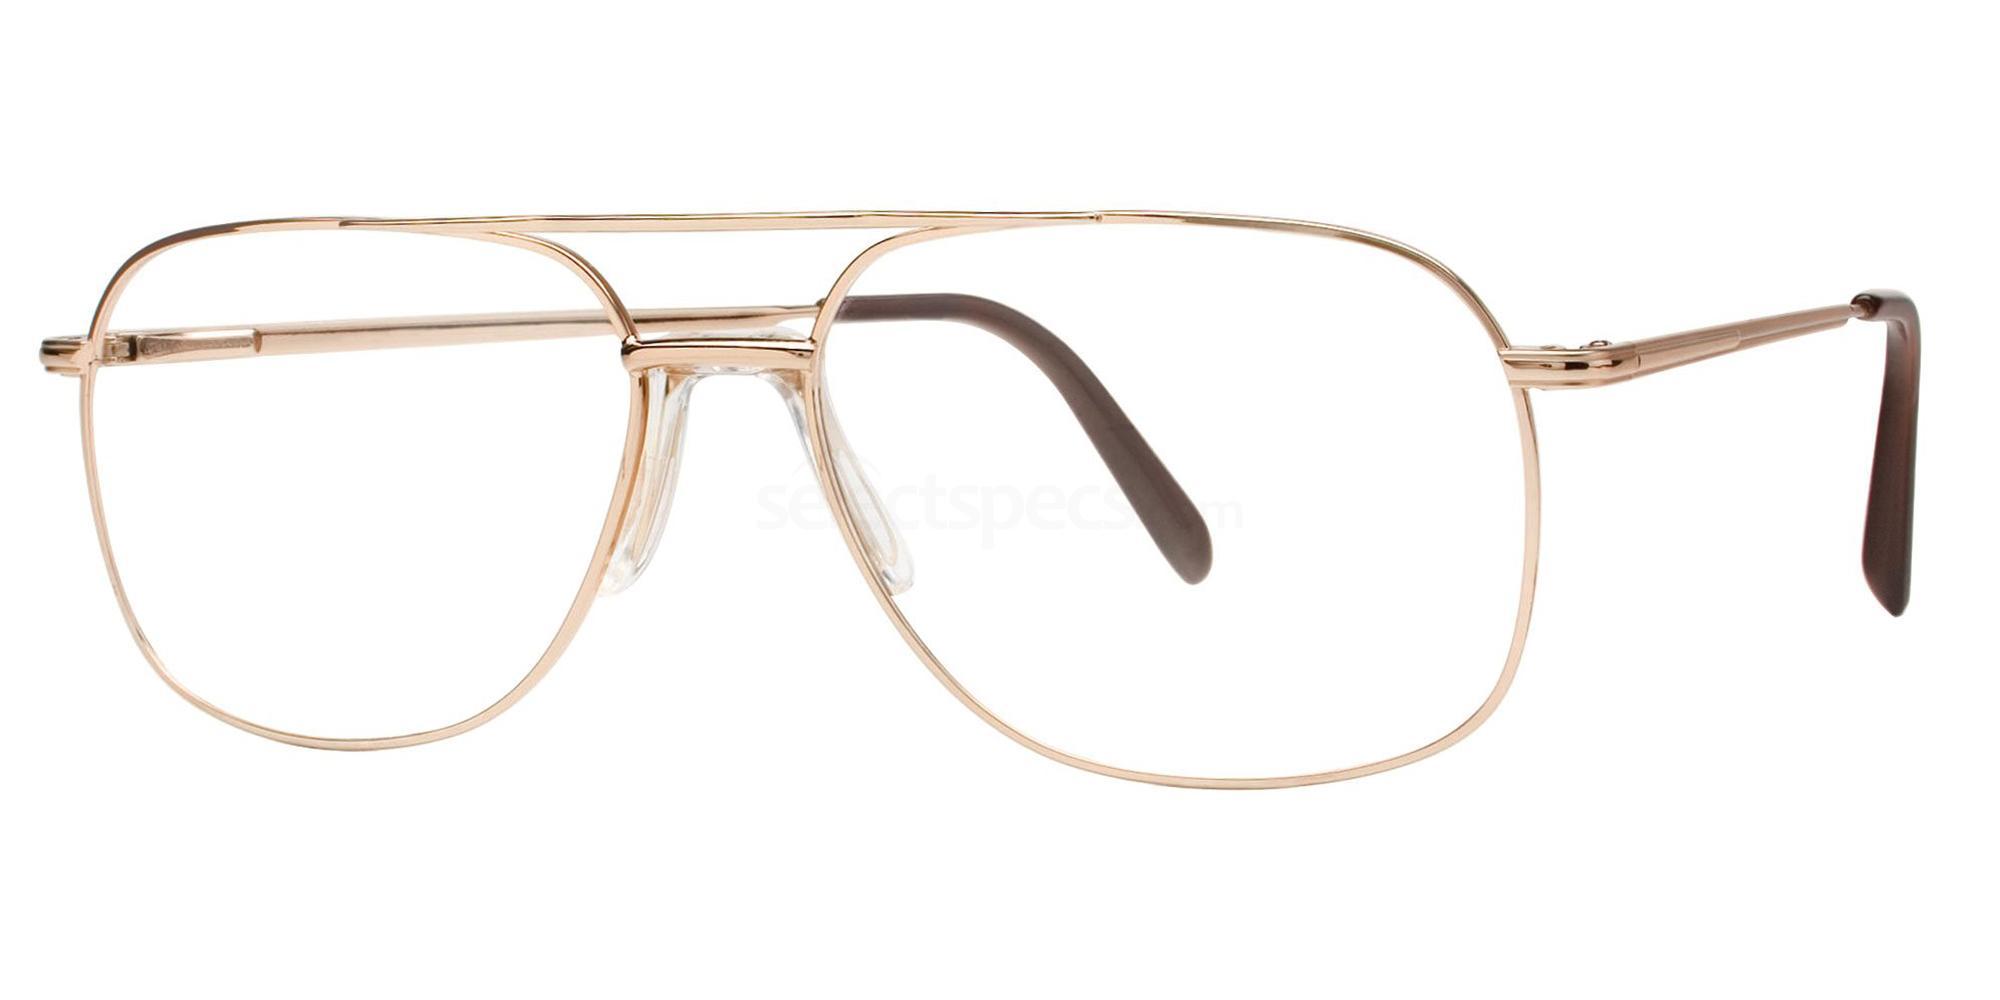 01 STXL8 Glasses, Stetson